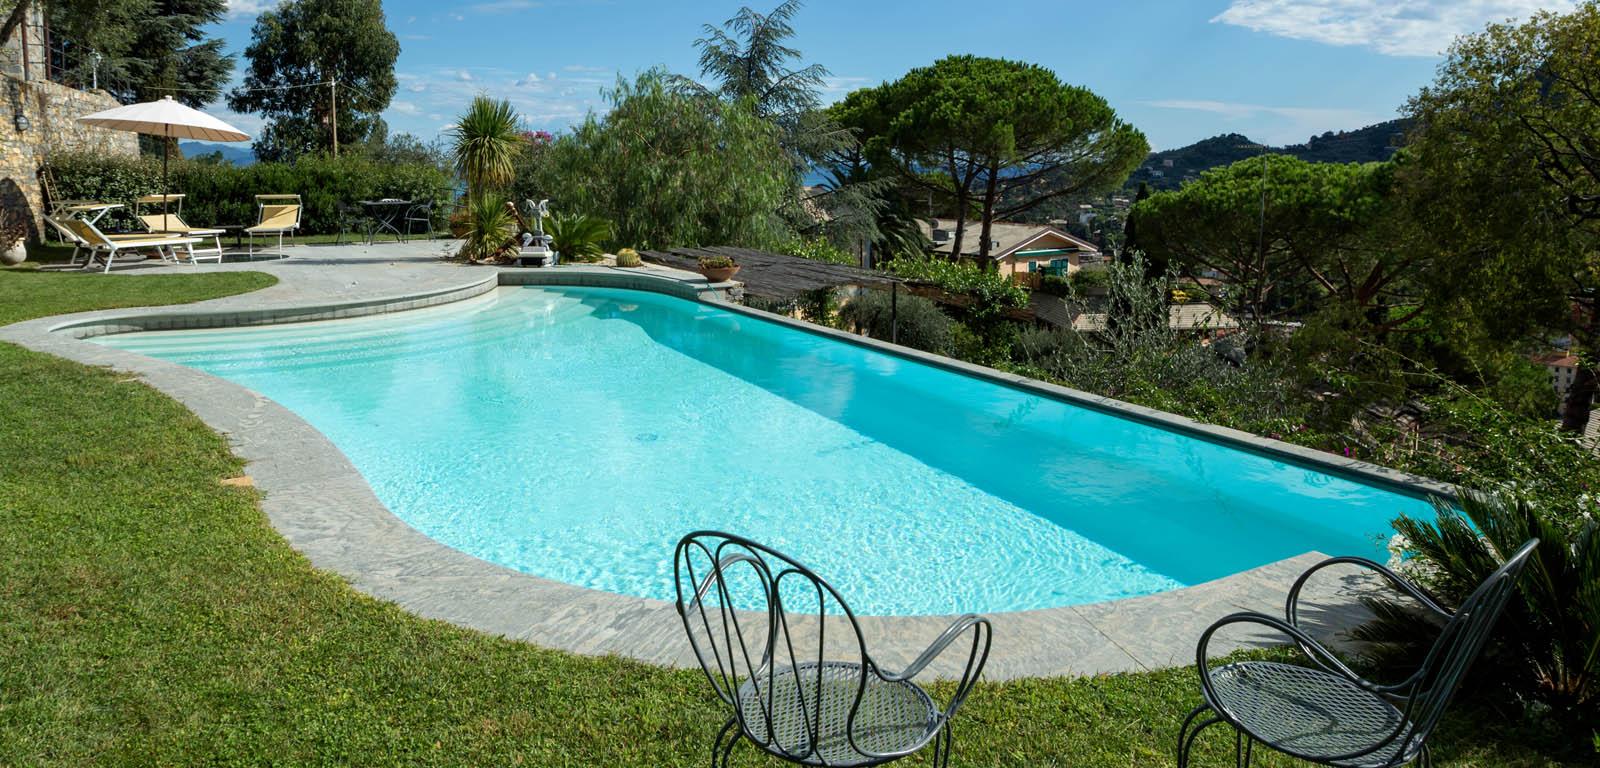 Piscine interrate vantaggi e prezzi piscine castiglione - Foto di piscine interrate ...